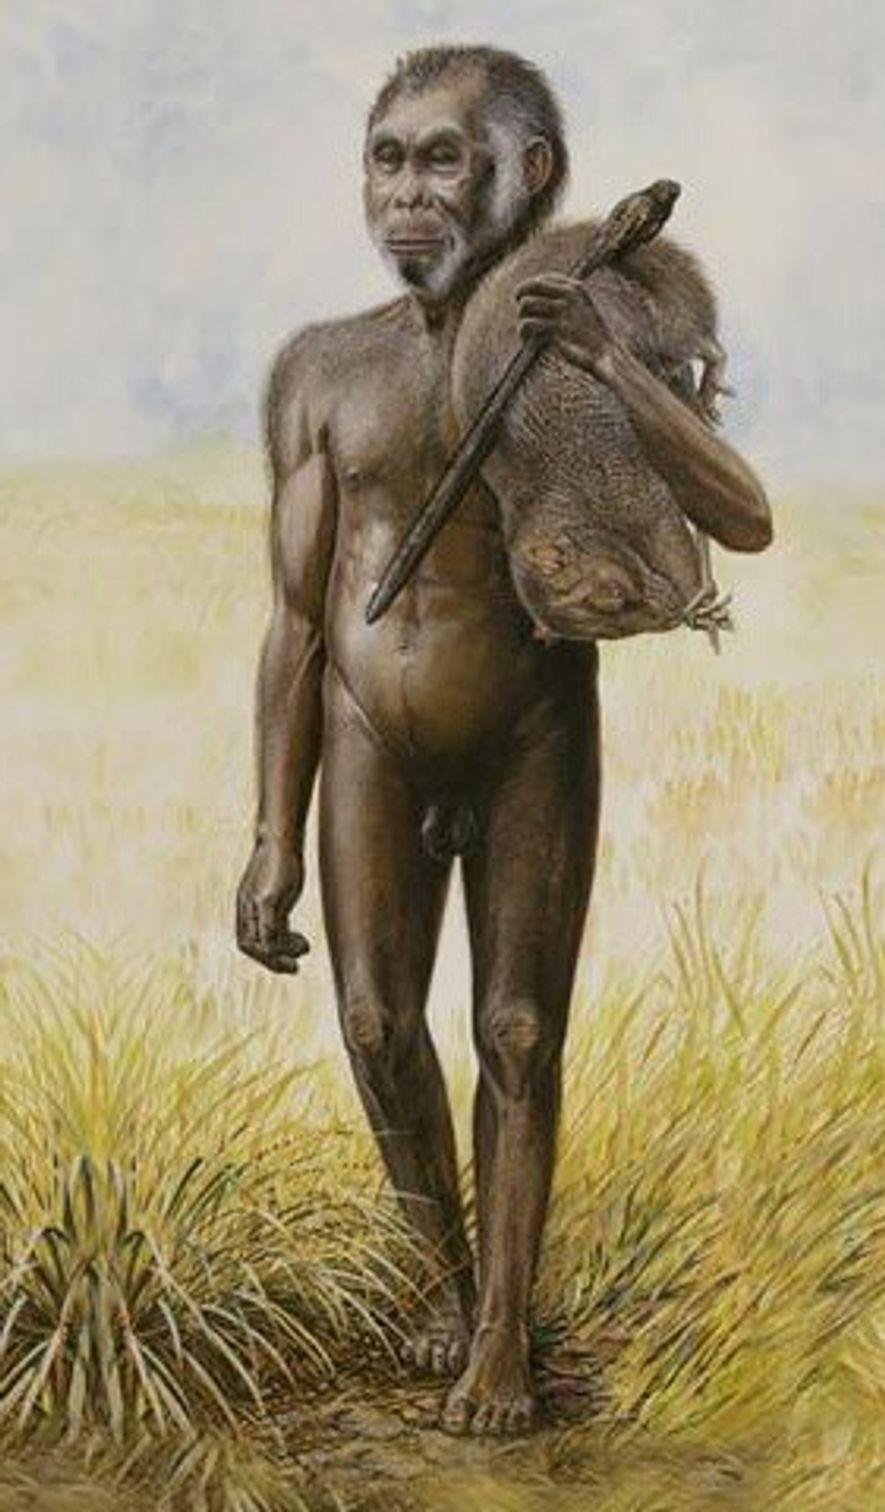 Una ilustración muestra a un hombre del H. floresinsis cargando una rata gigante sobre su hombro.